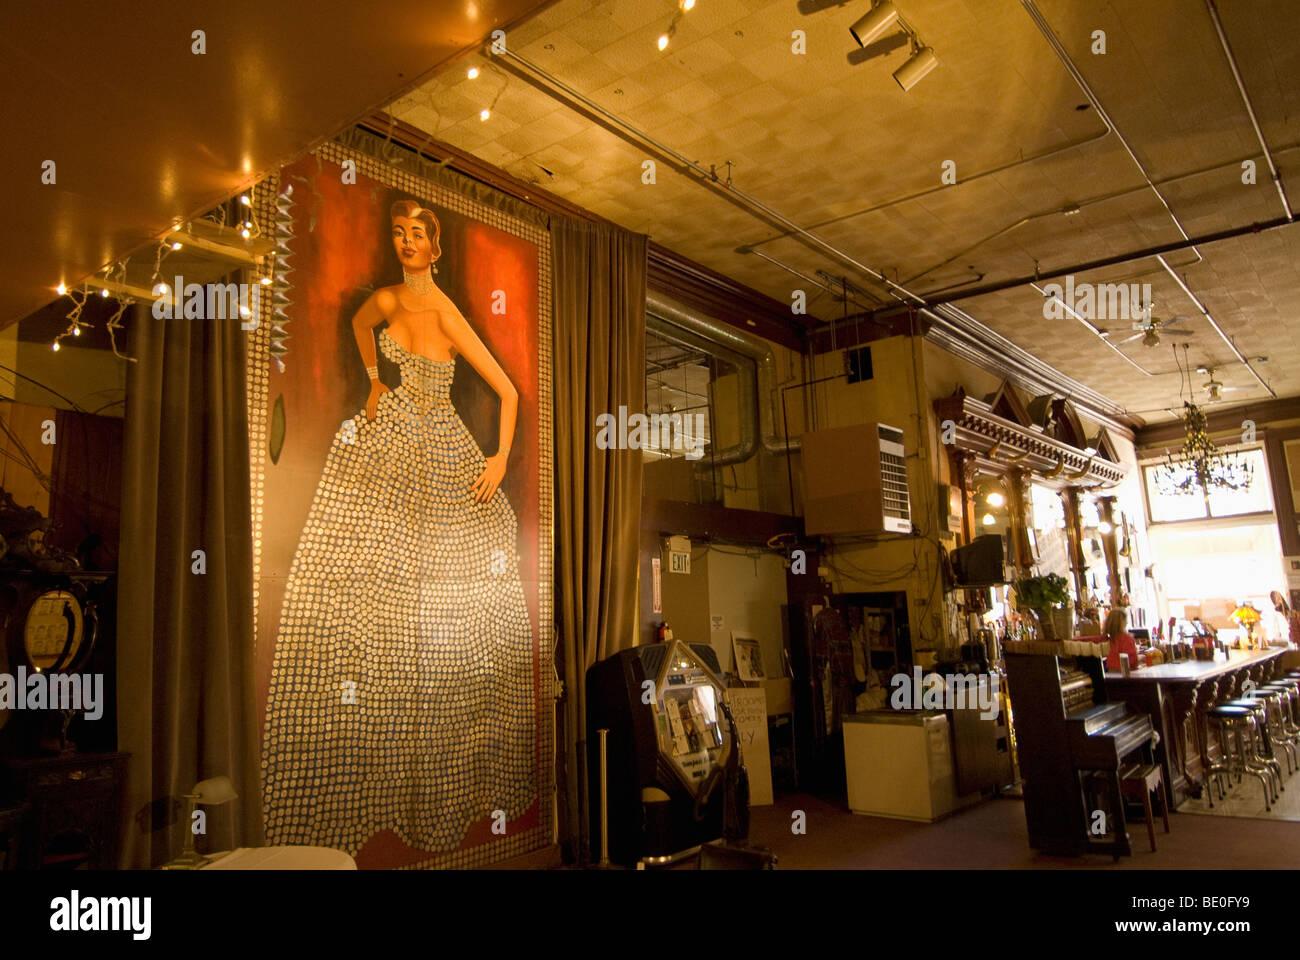 Silver Queen Saloon, Virginia City, NV - Stock Image